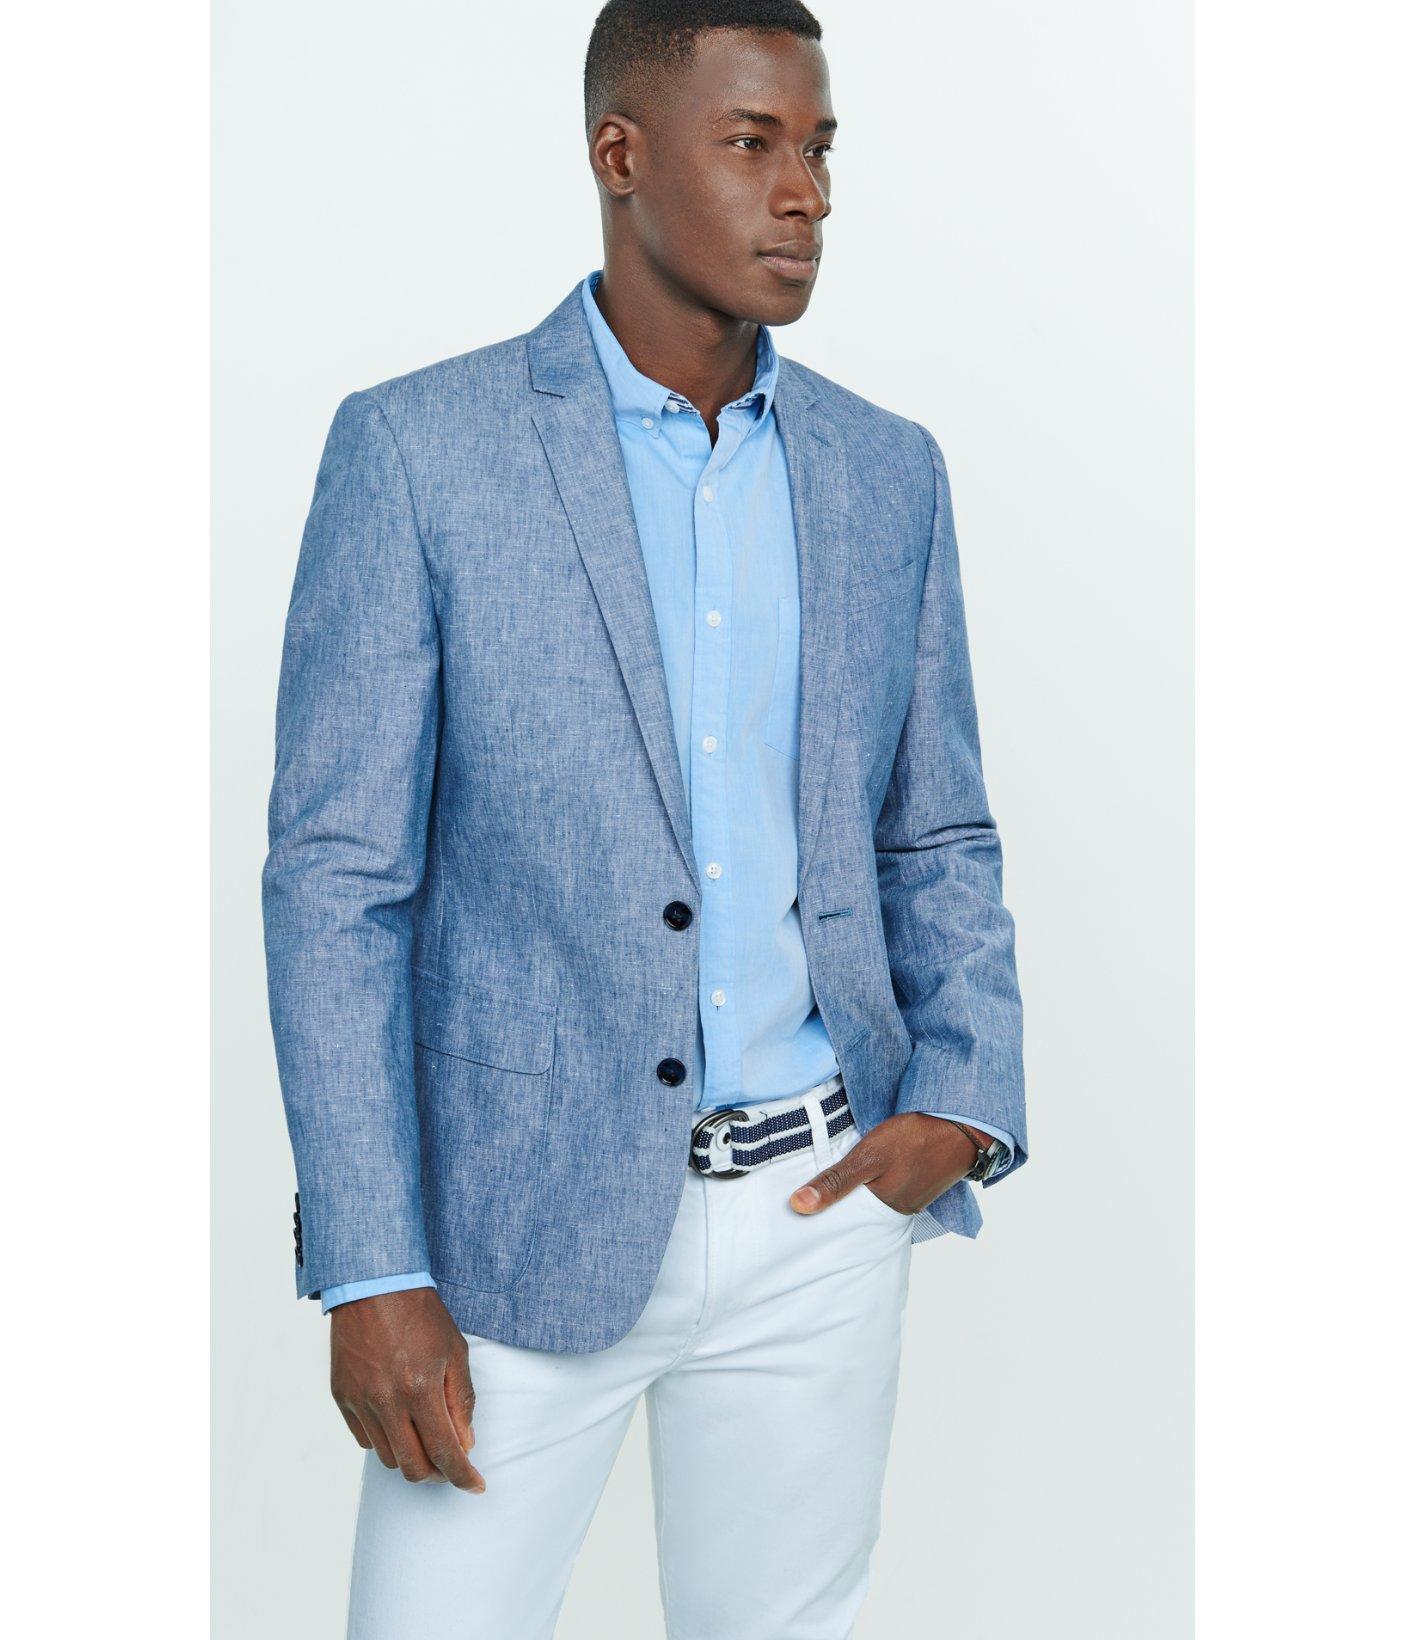 26d2330a6d Lyst - Express Slim Photographer Linen-cotton Blue Blazer in Blue ...